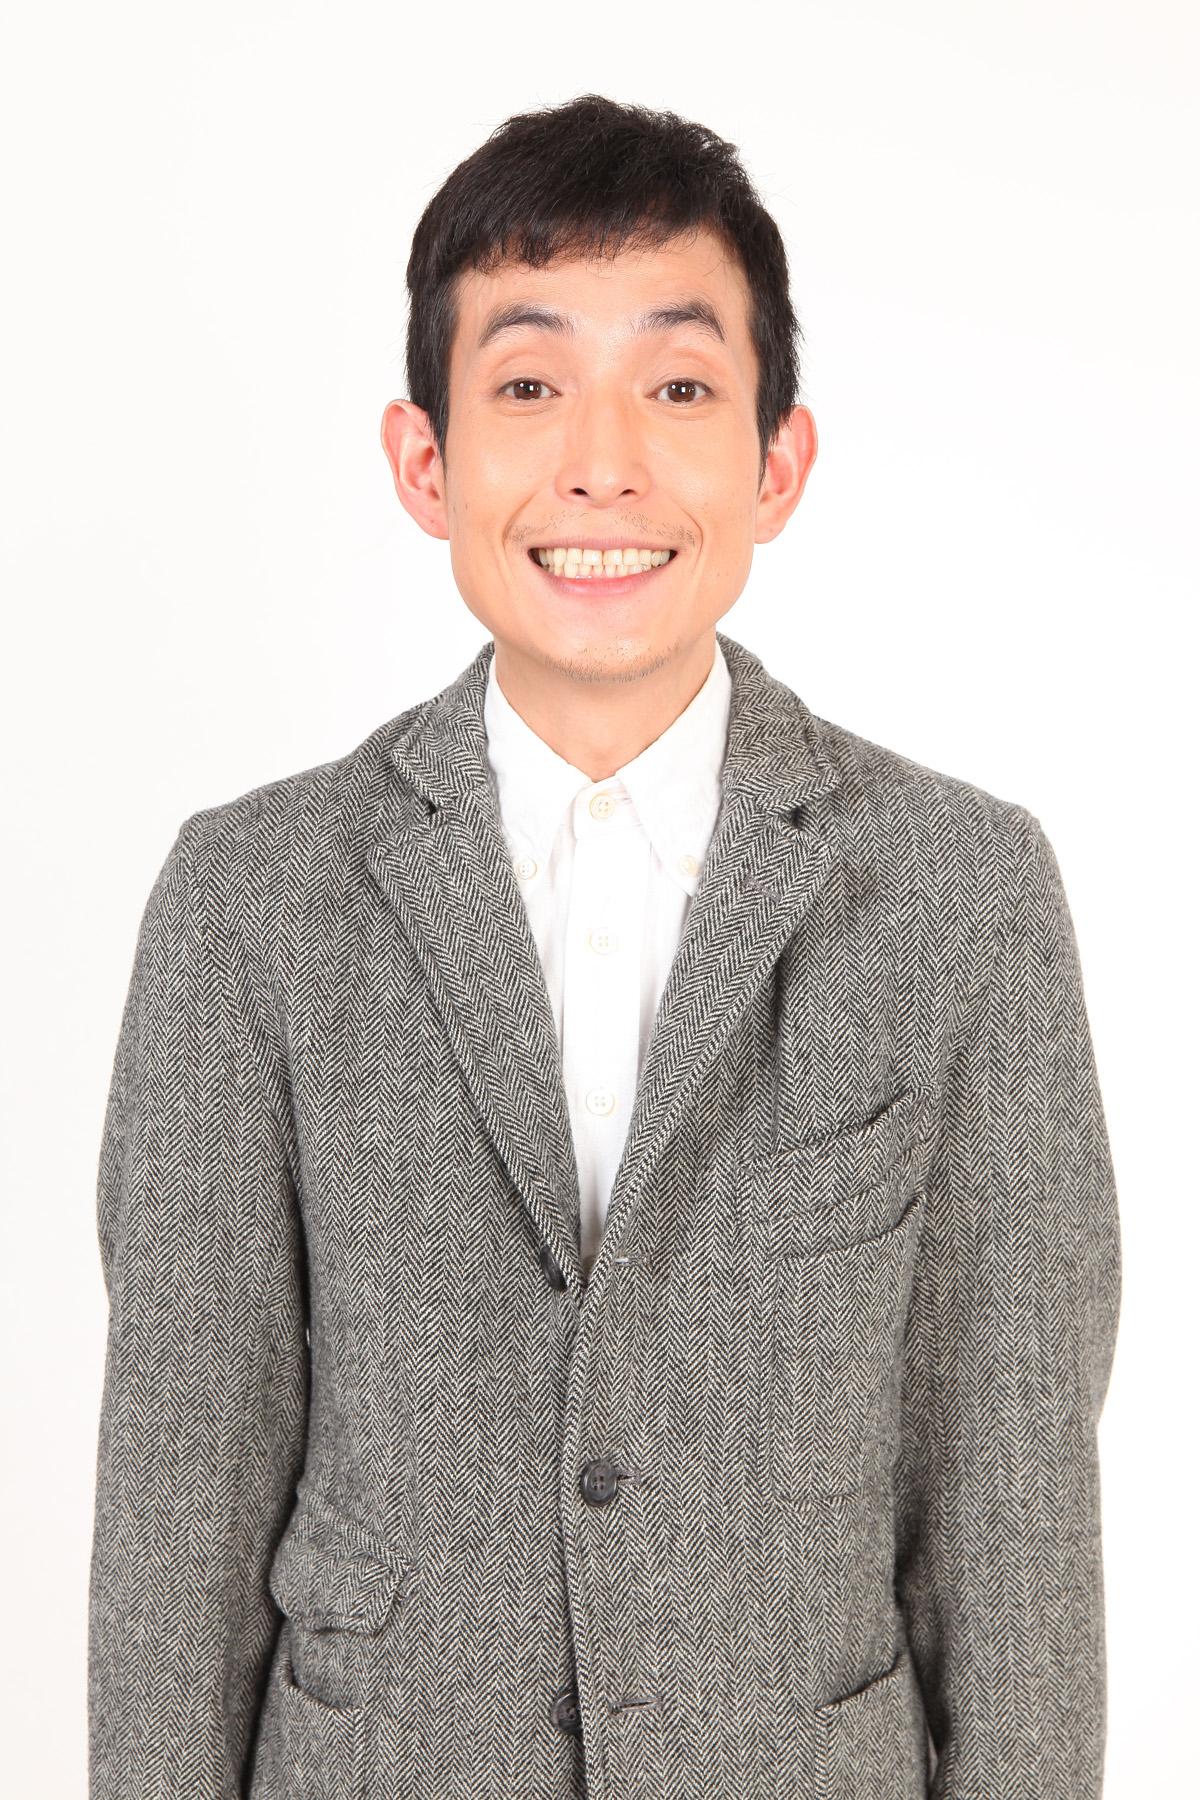 鈴木拡樹が一人二役に挑む、高橋由美子の主演舞台「時子さんのトキ」上演決定 イメージ画像